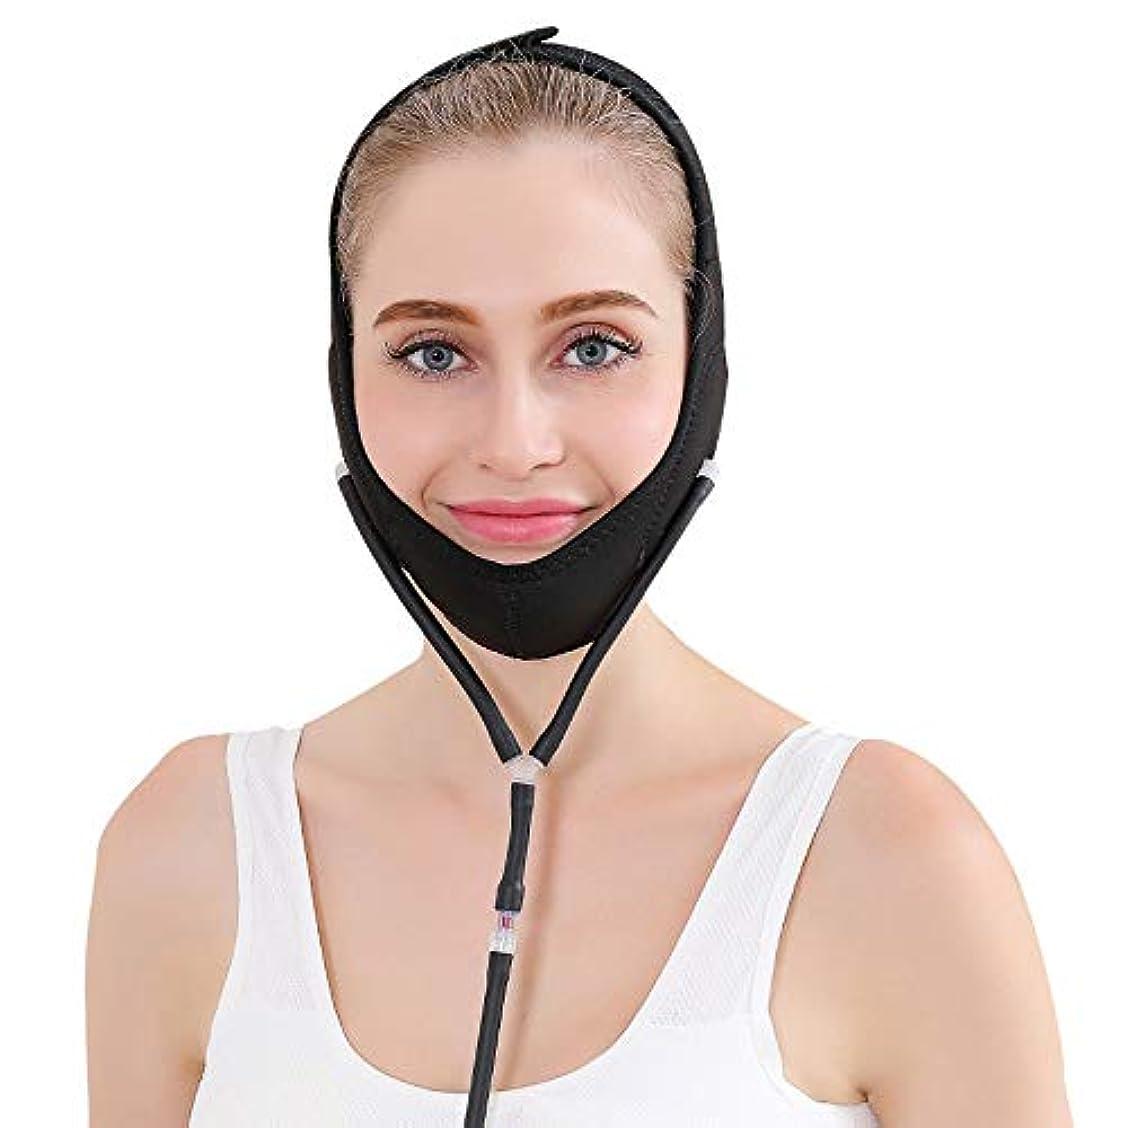 成分歌うスポンサーYOE(ヨイ) エアー 顔やせ マスク 小顔 ほうれい線 空気入れ エアーポンプ 顔のエクササイズ フェイスリフト レディース (フリーサイズ, ブラック)